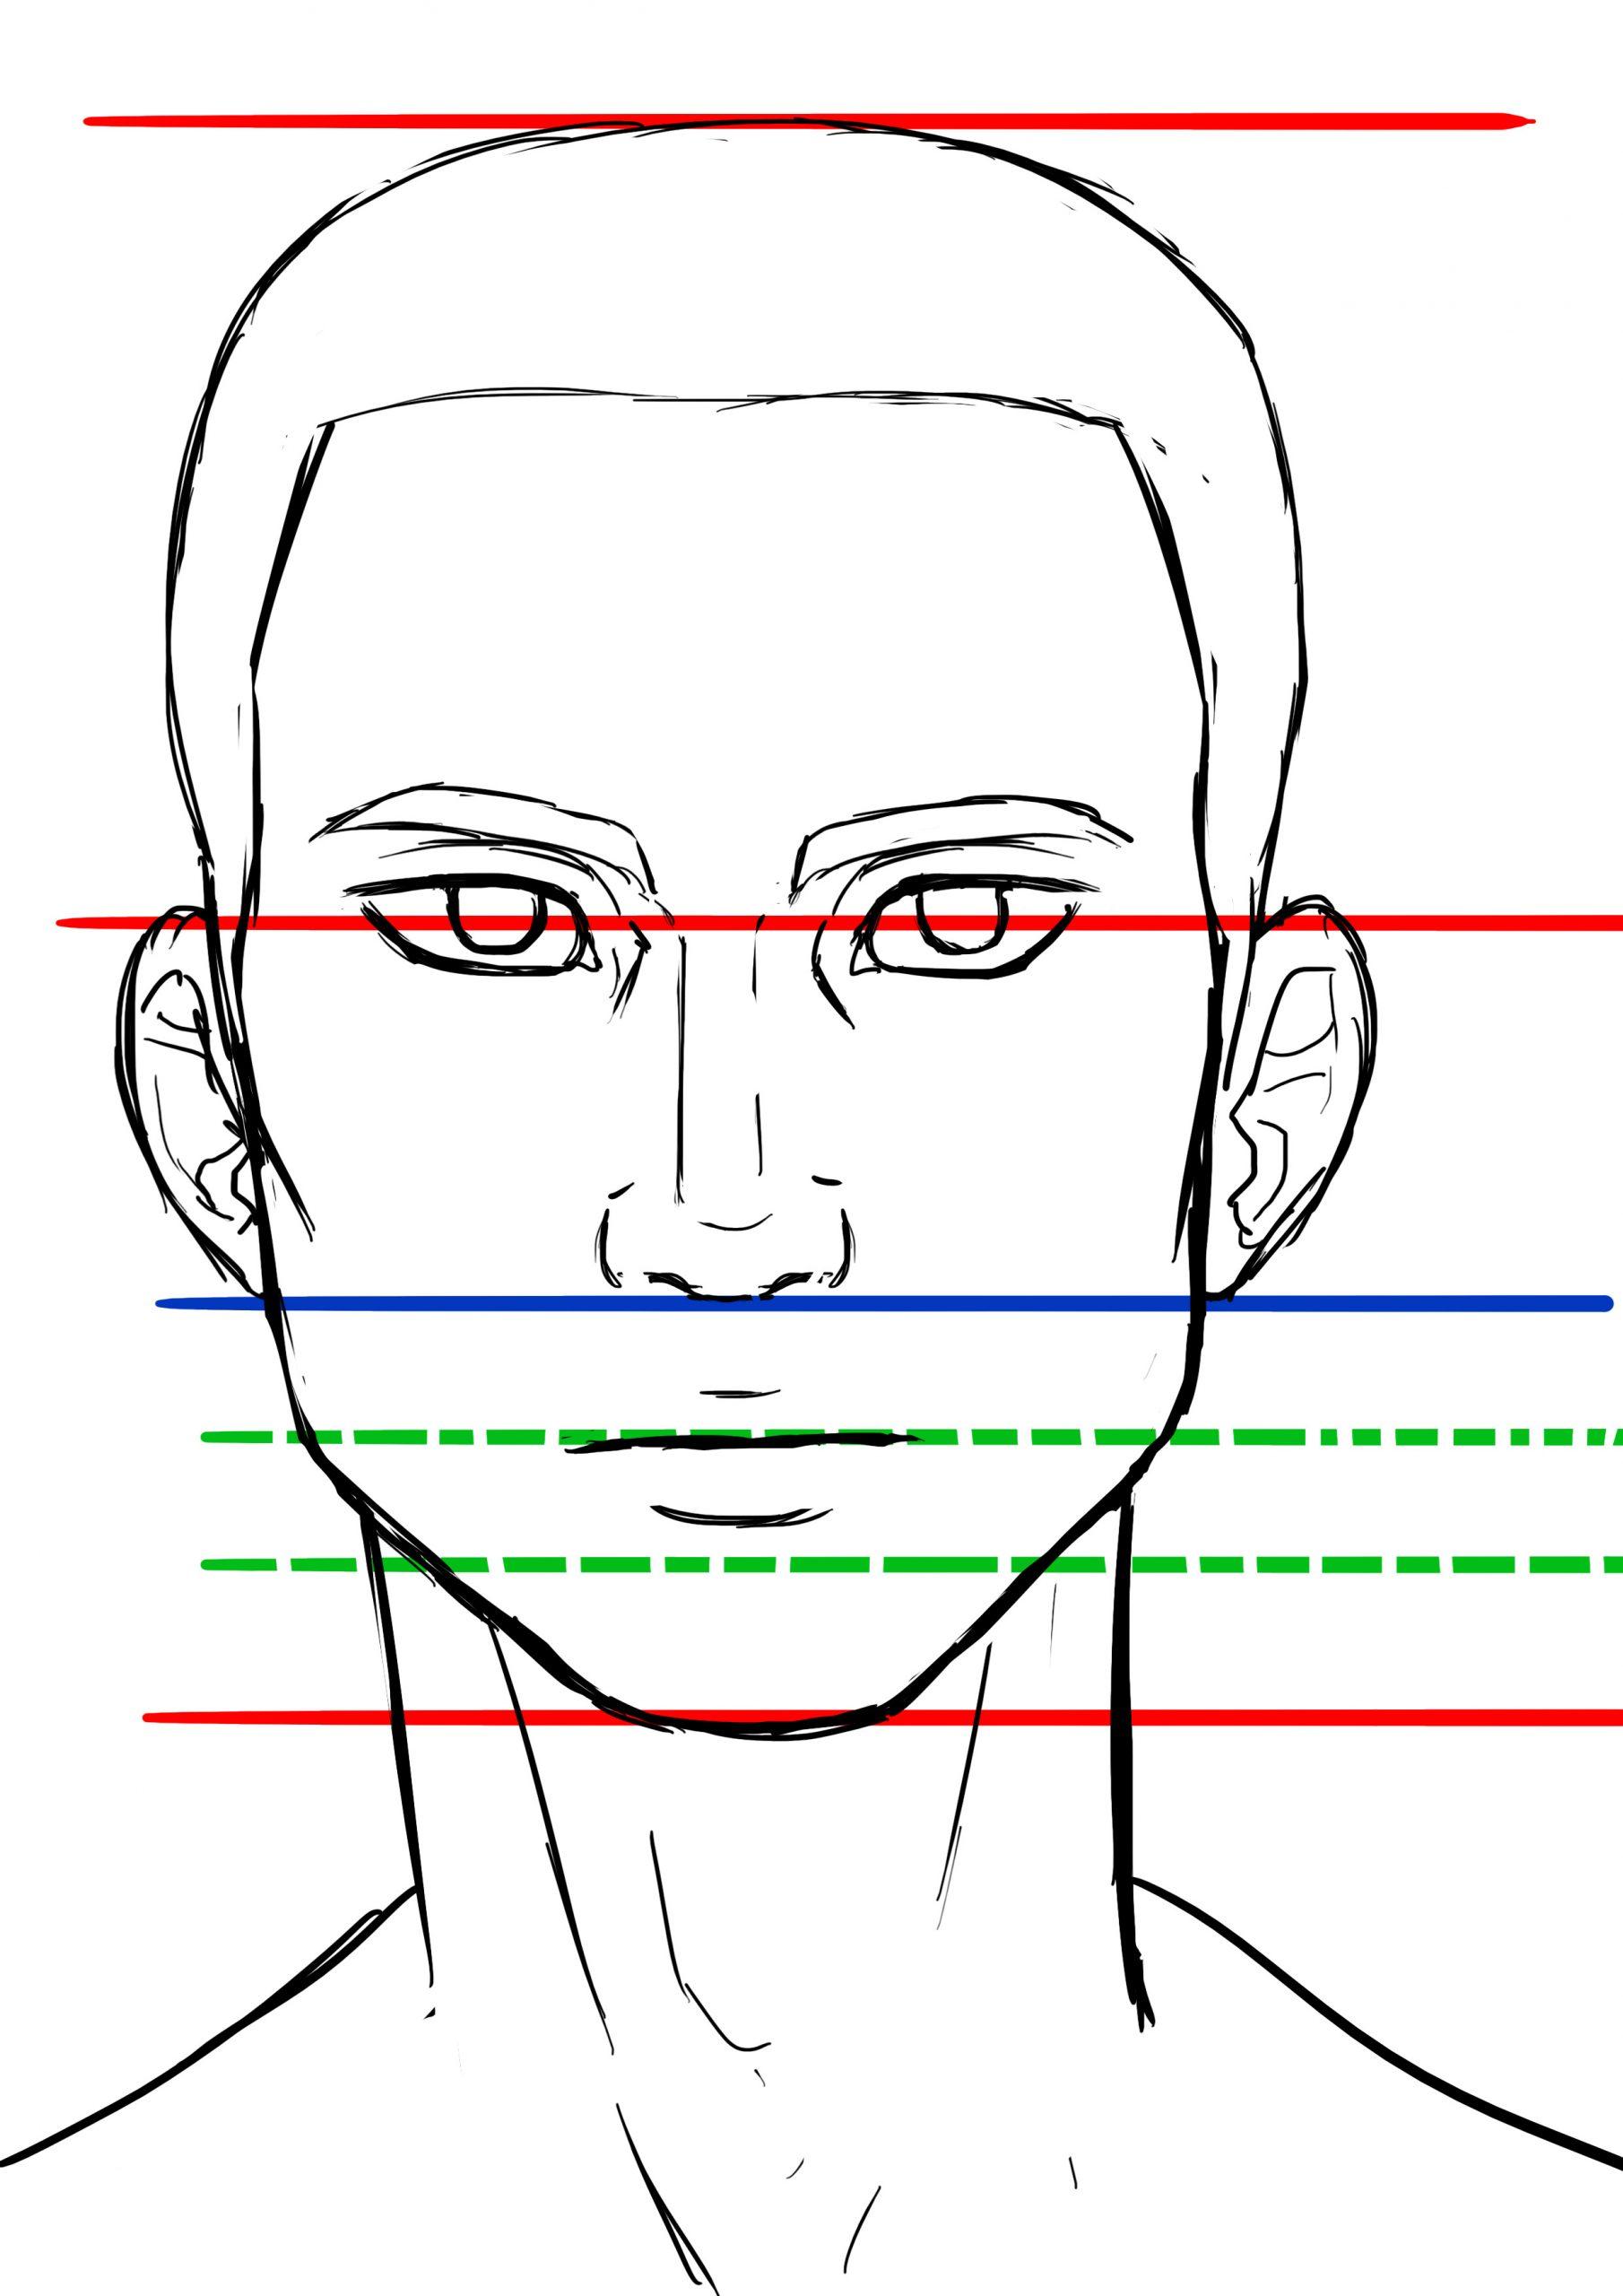 Comment Dessiner Un Visage D'homme - Dessindigo avec Apprendre Les Parties Du Visage